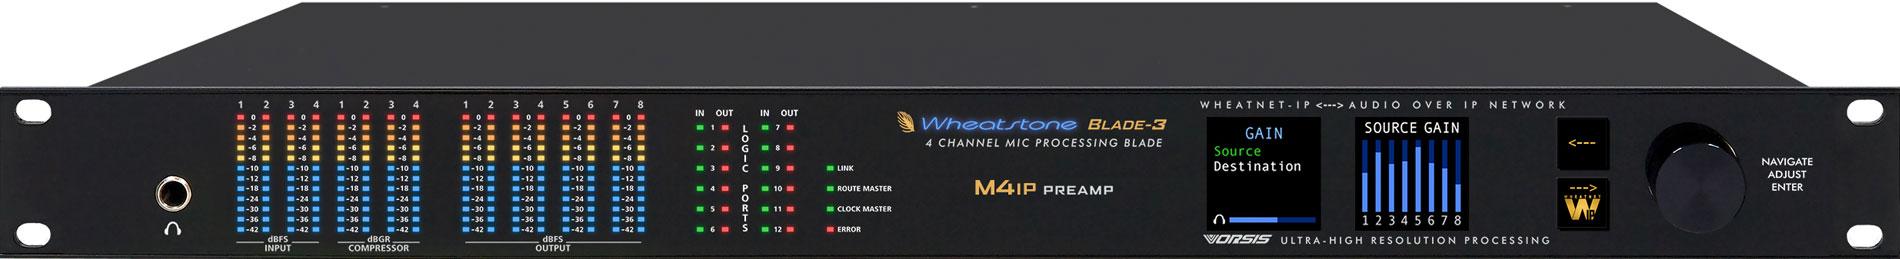 M4-IP-3: przód